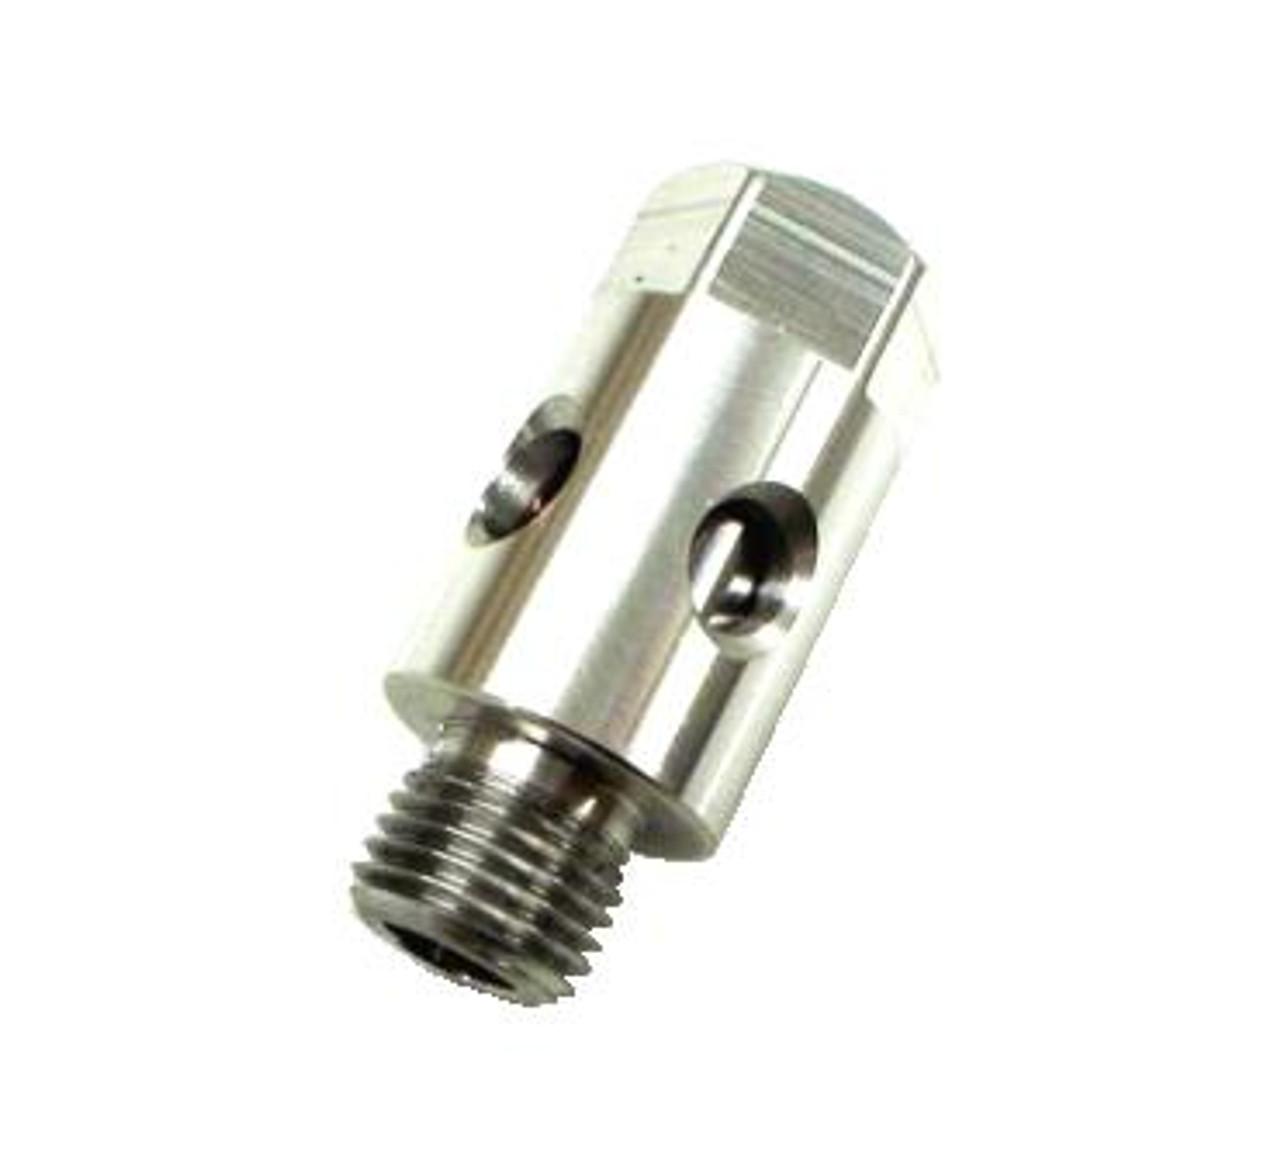 DME High Pressure Oil Relief Valve Kawasaki ZX14R (06-20) ZX10R (04-15) ZX6R (07-15)